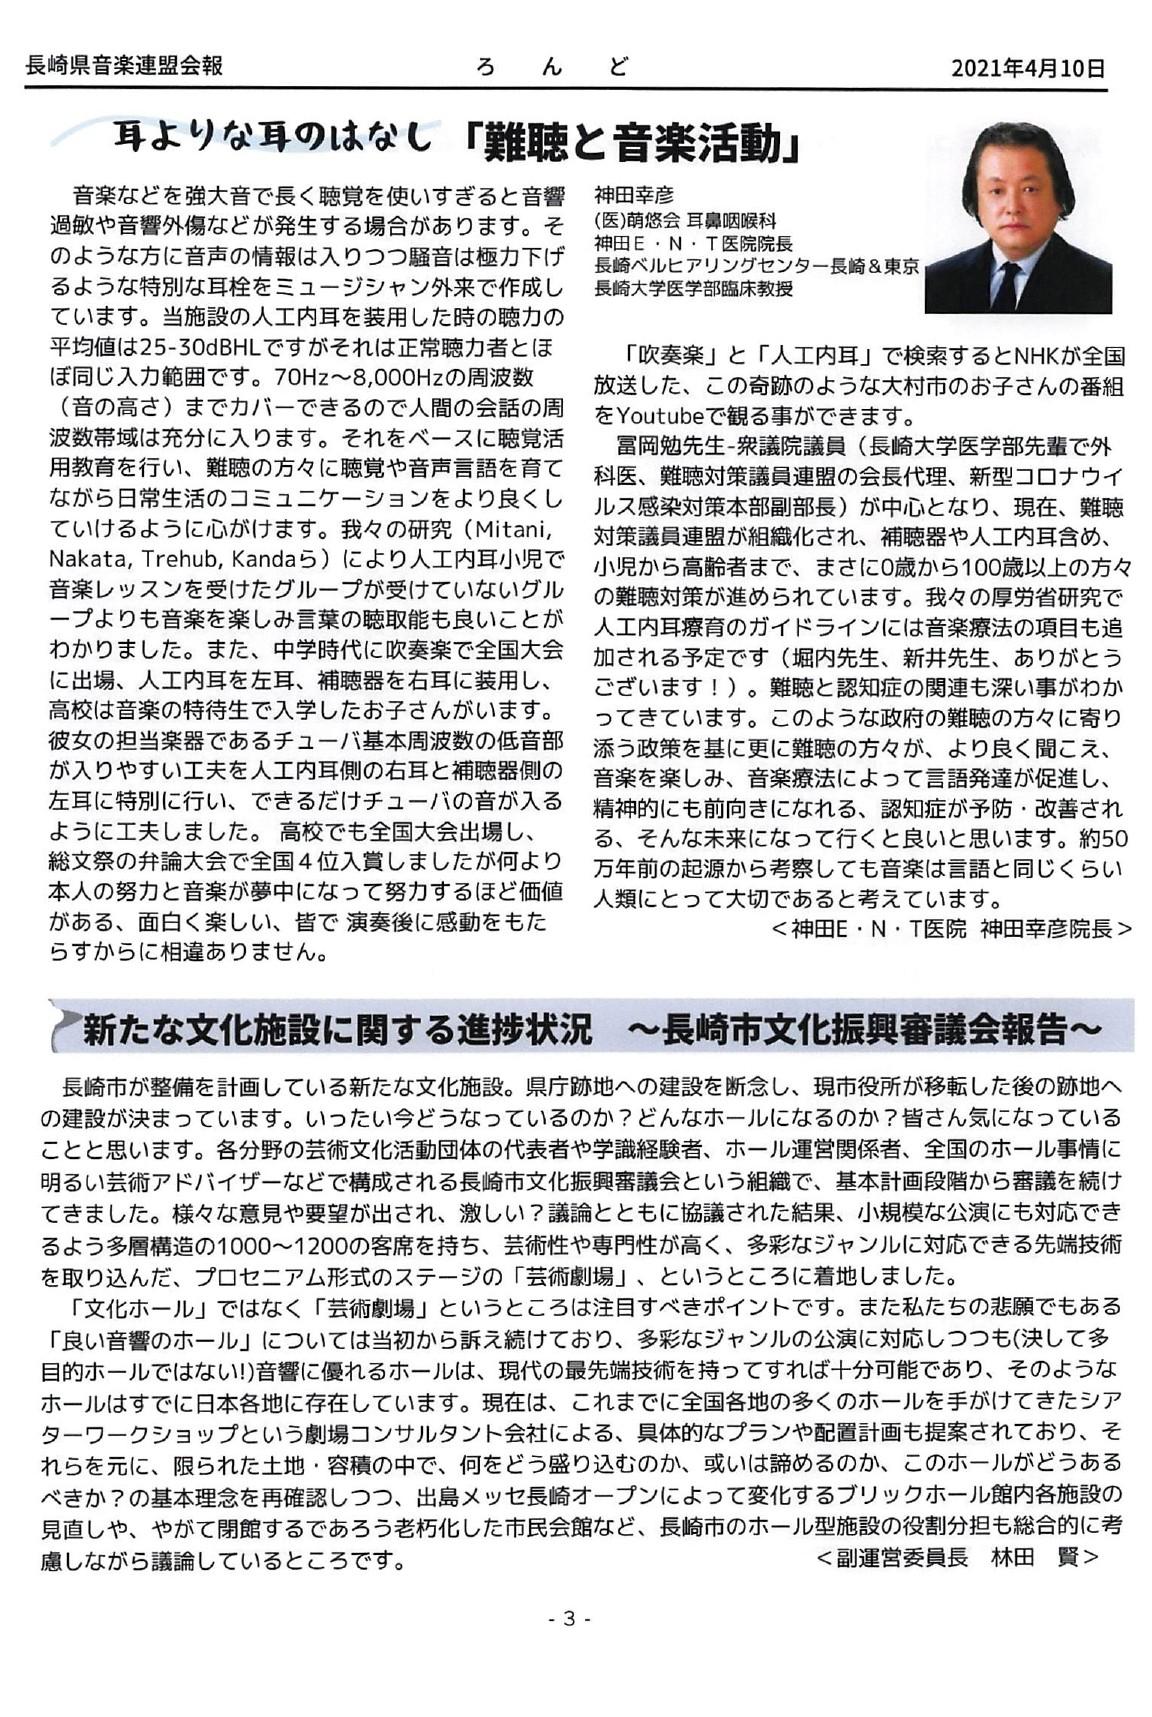 2021年4月10日長崎県音楽連盟会報 Vol.89ろんど 難聴と音楽活動